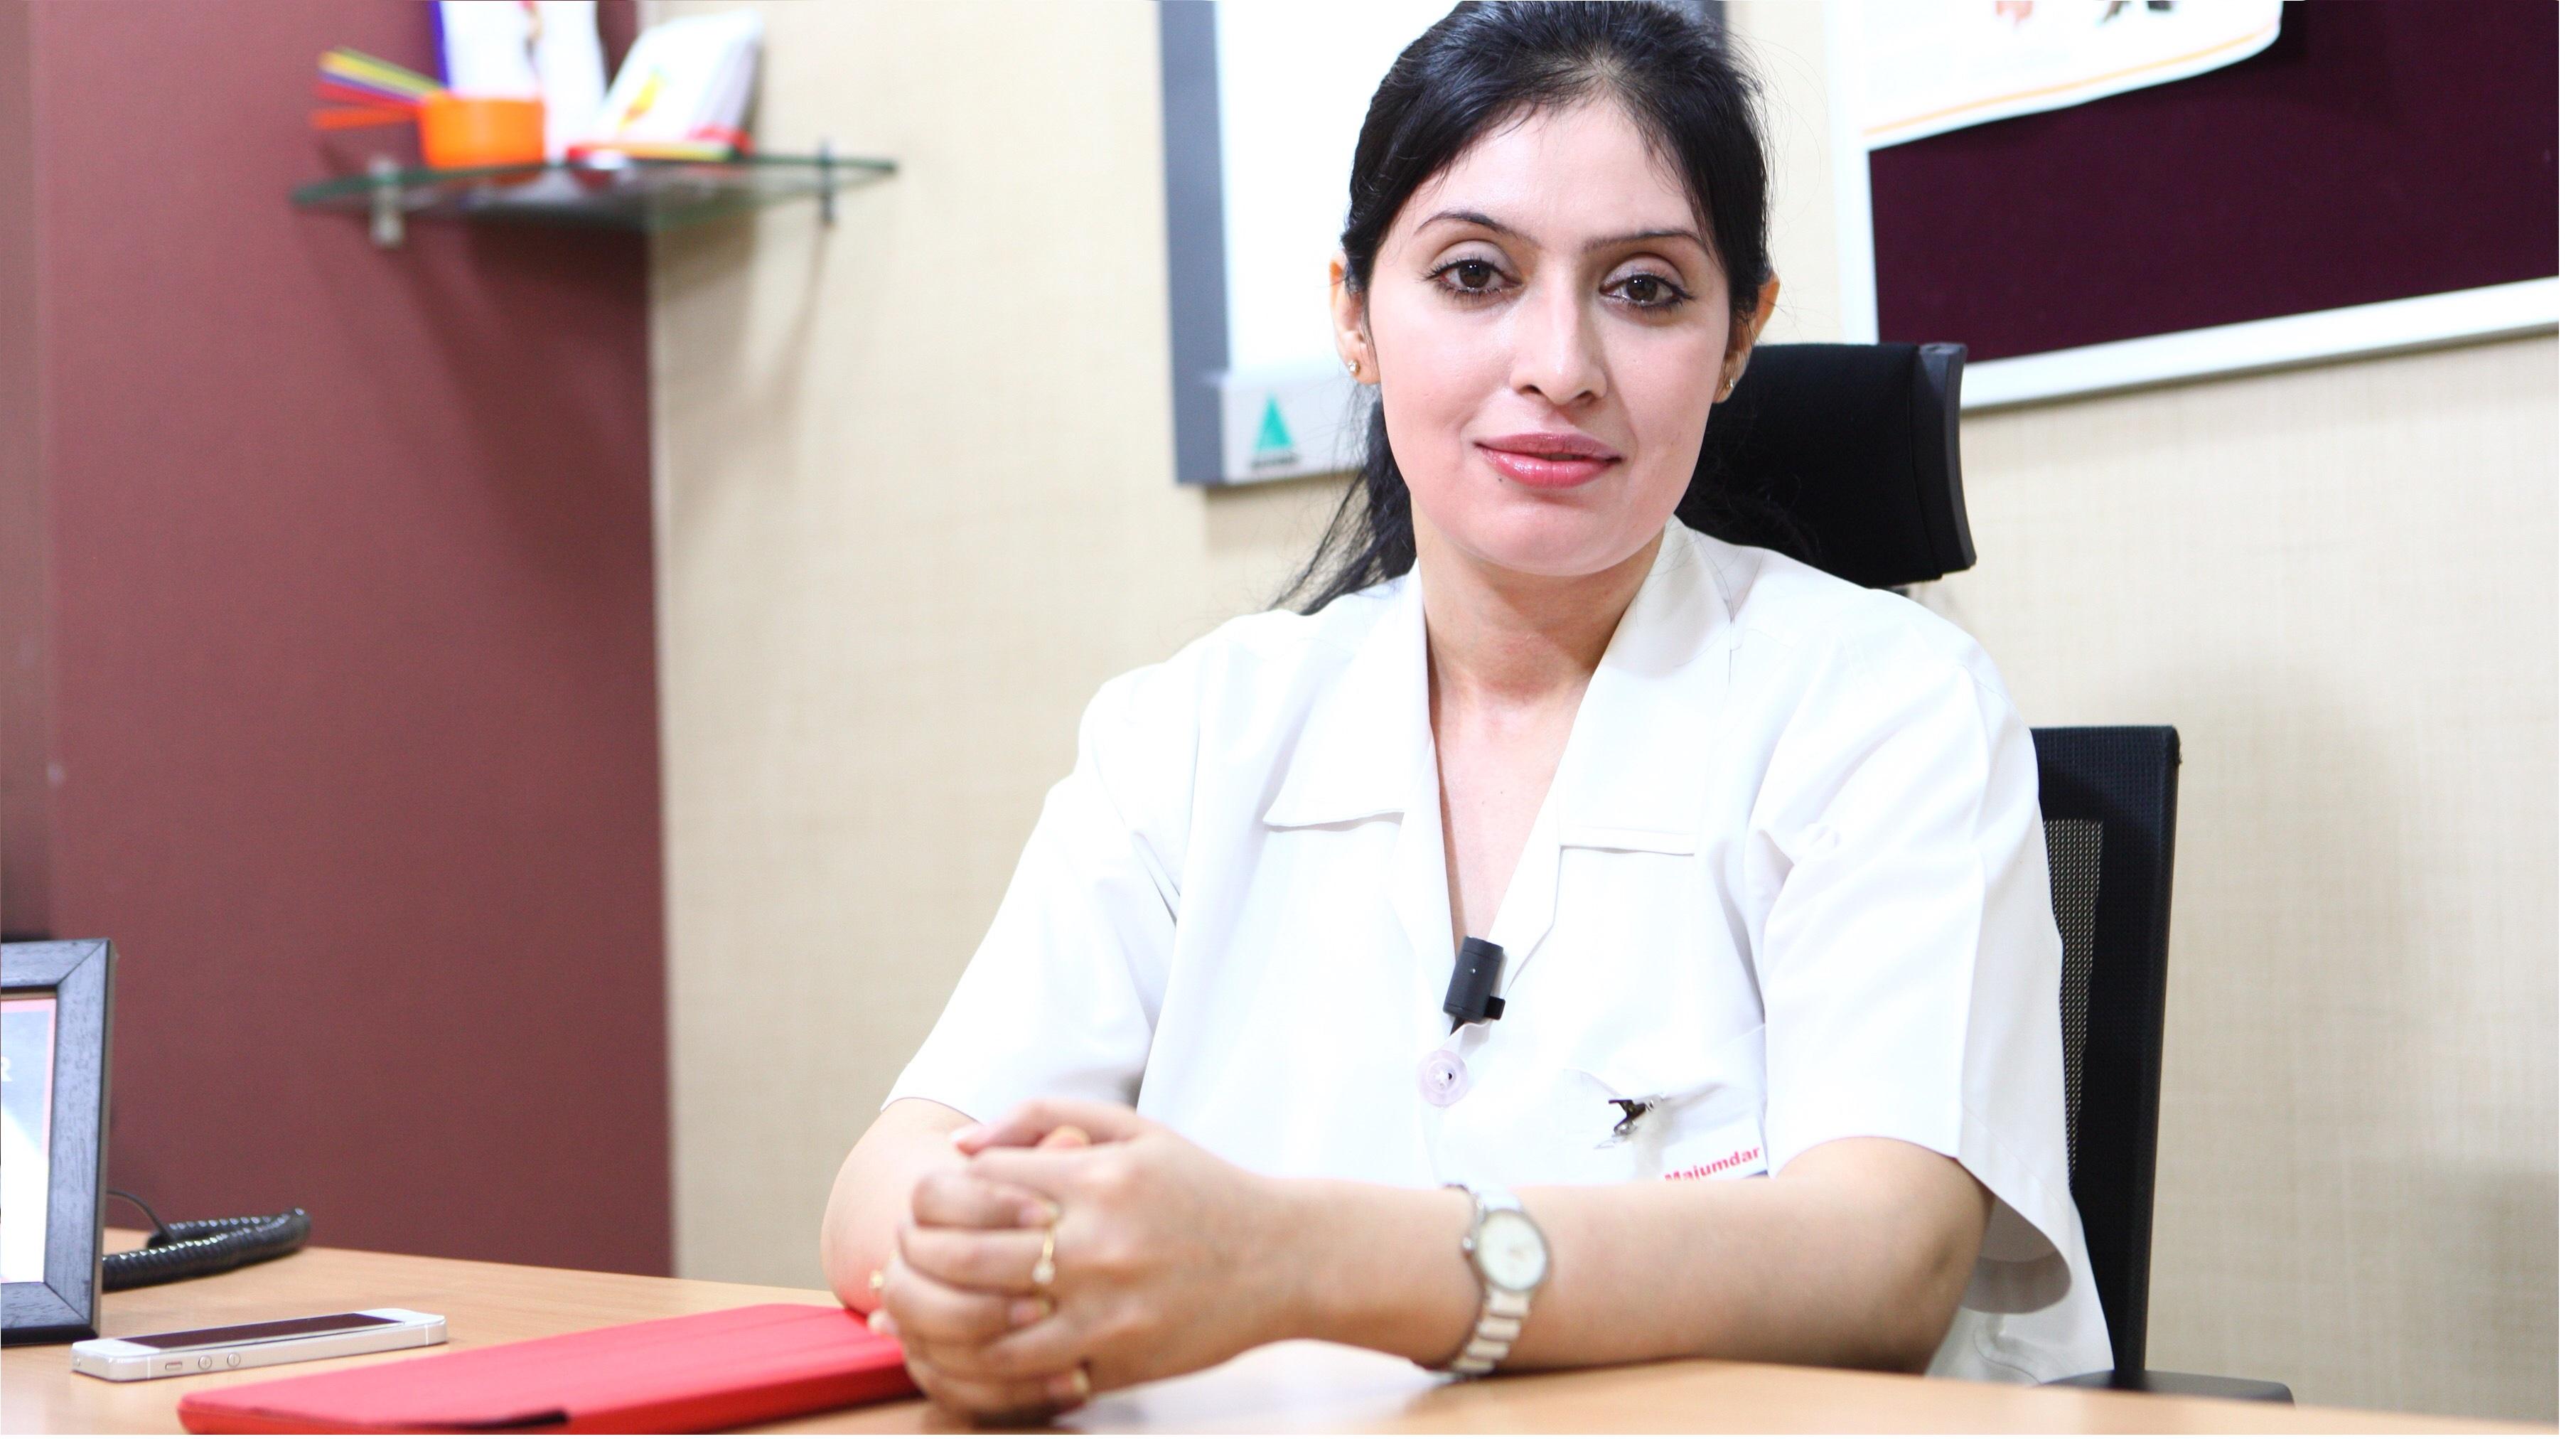 Dr Sharmila Majumdar - Sexologist Psychoanalyst